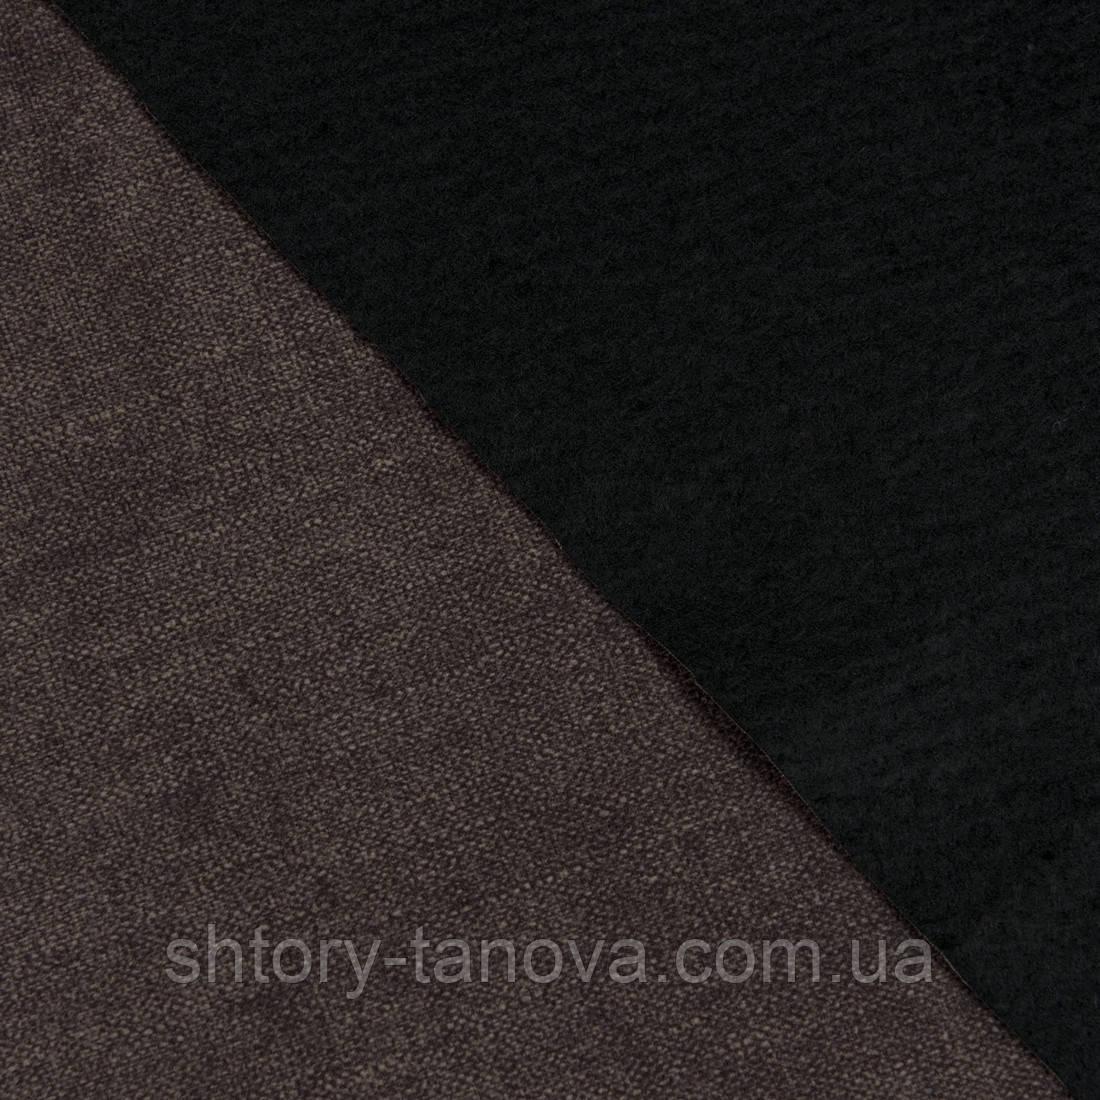 Декоративна тканина блийч т. попіл